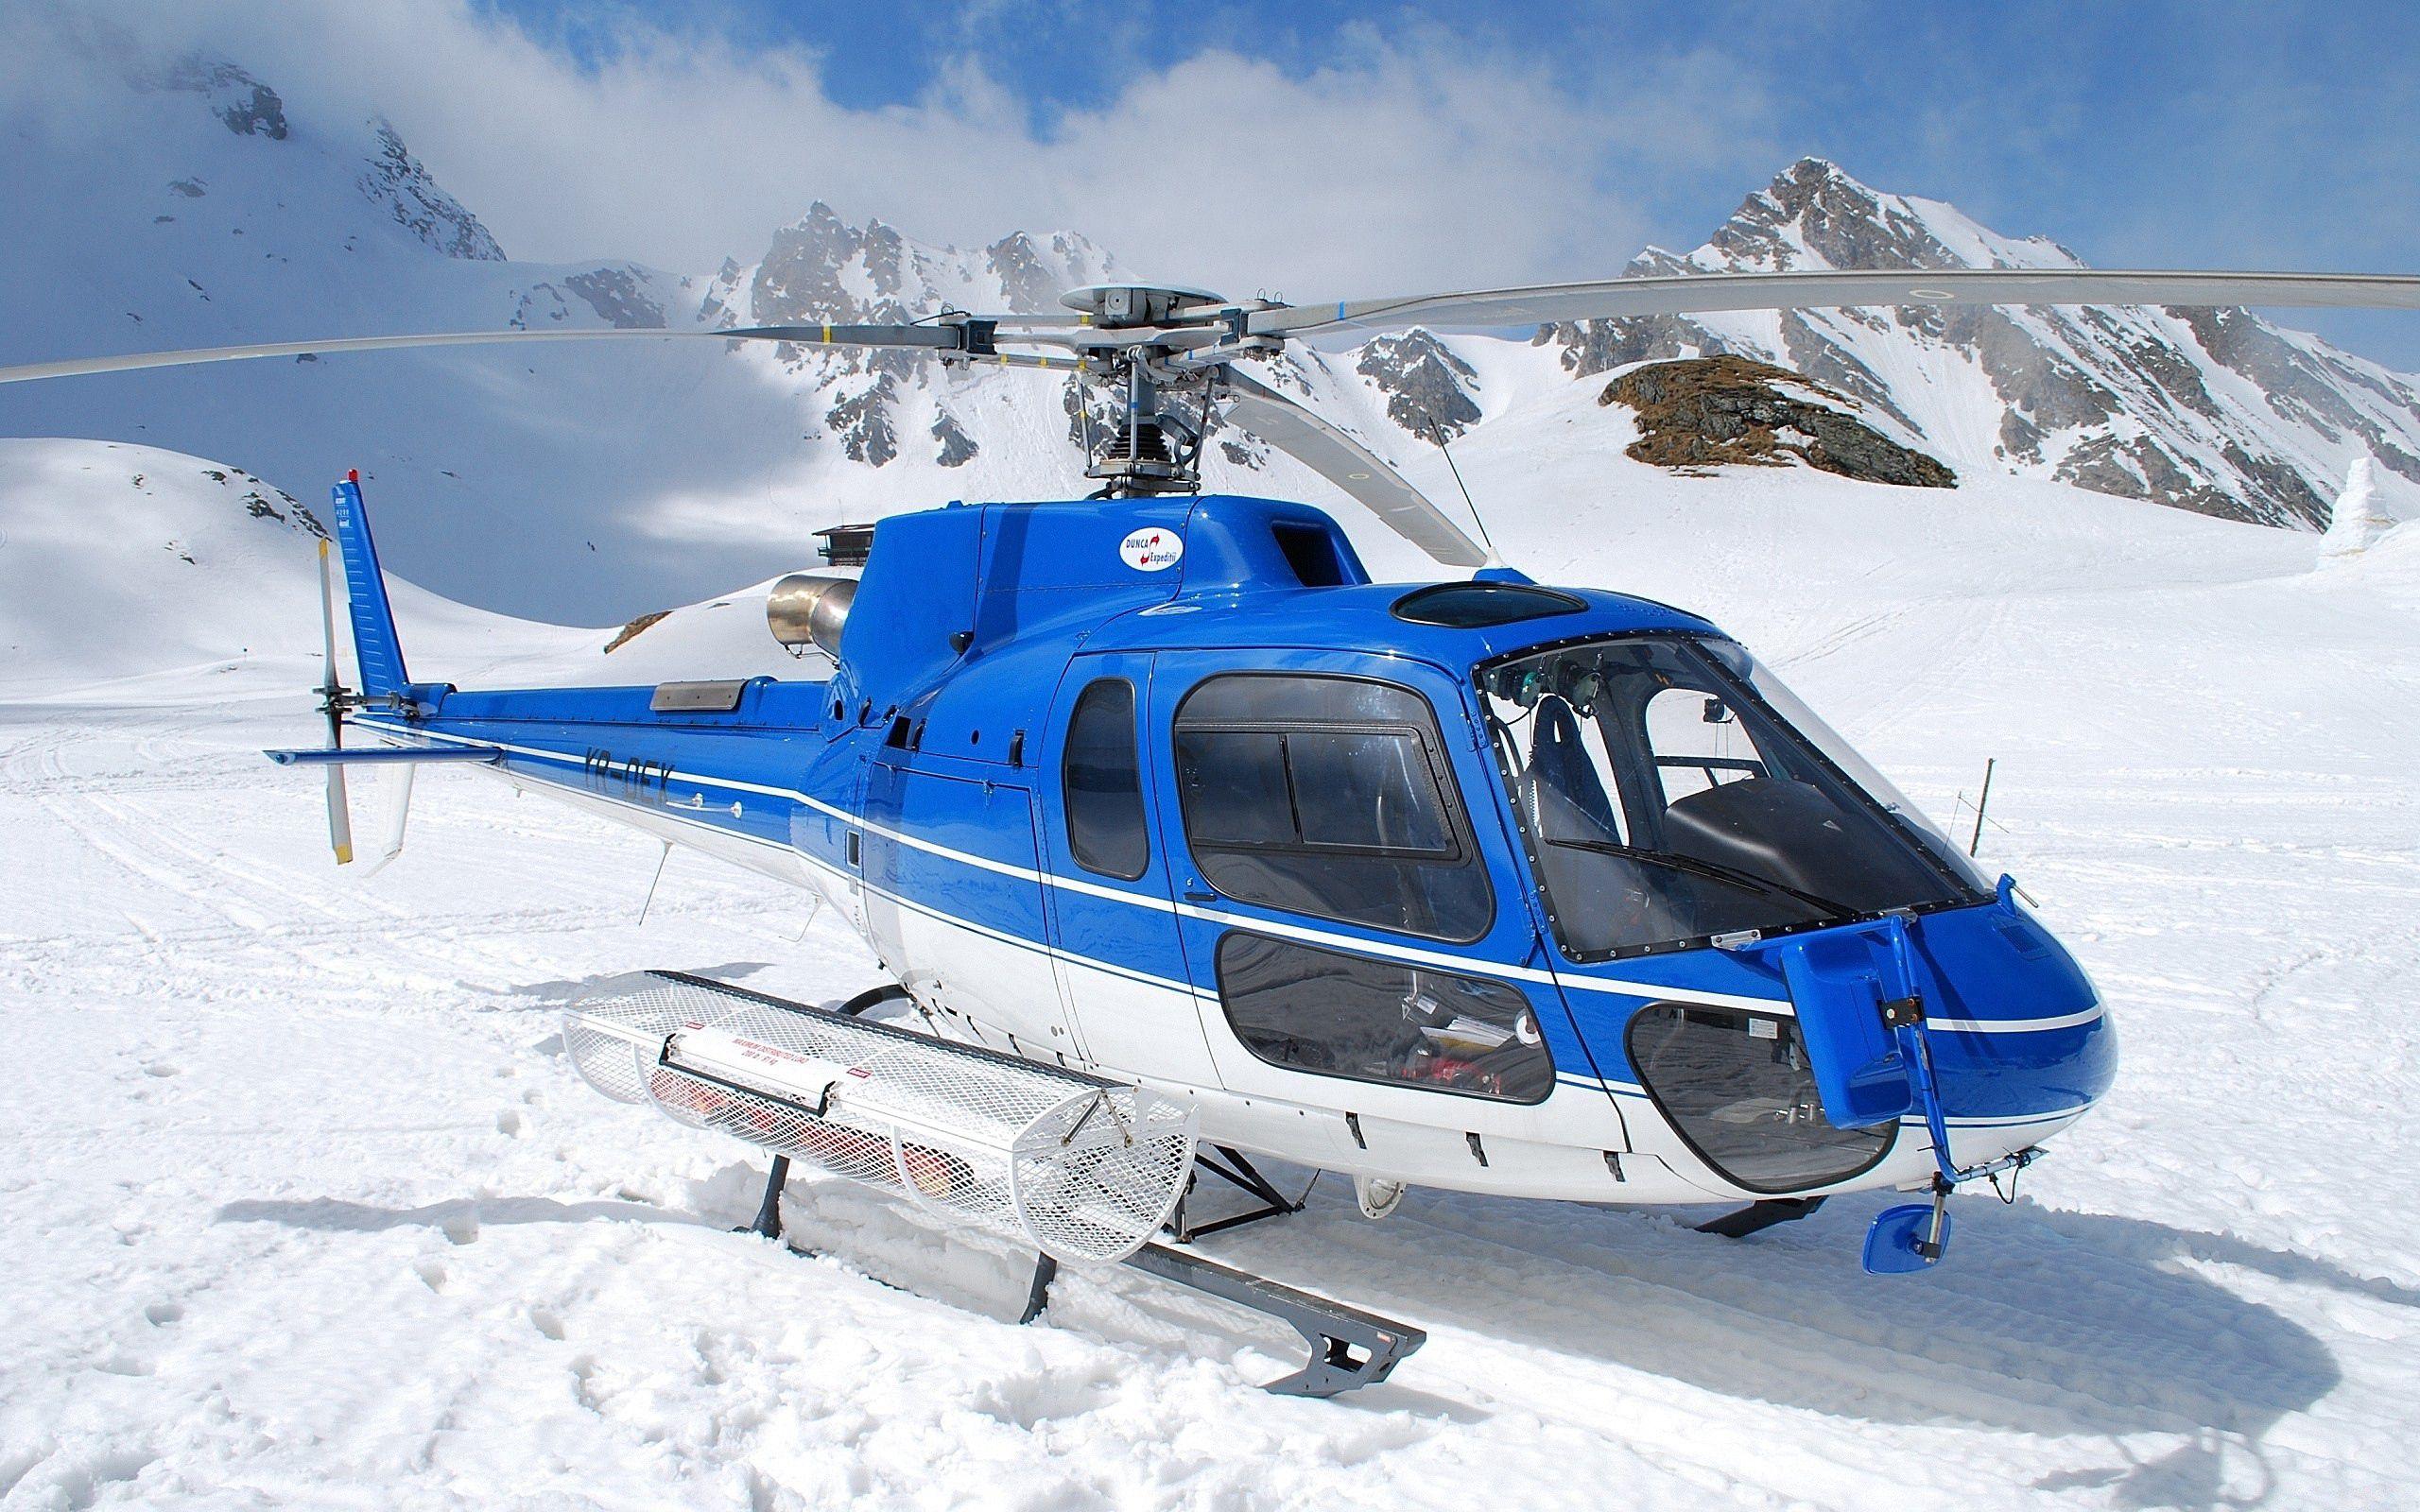 140549 Hintergrundbild herunterladen Sky, Mountains, Schnee, Hubschrauber, Verschiedenes, Sonstige - Bildschirmschoner und Bilder kostenlos